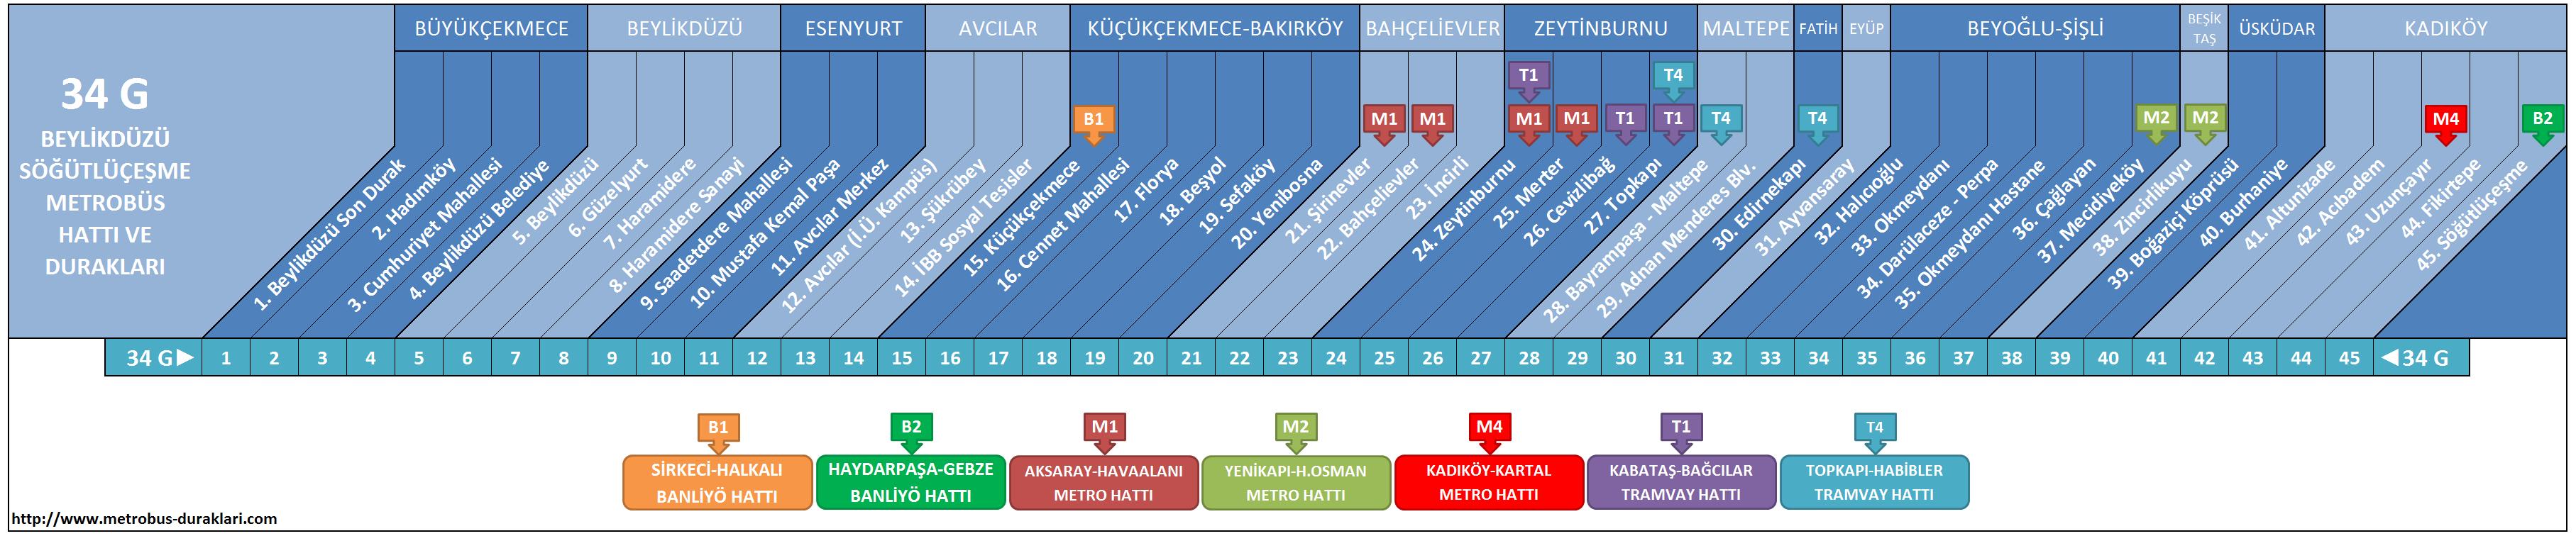 34 G Hattı Metrobüs Durakları ile ilgili görsel sonucu